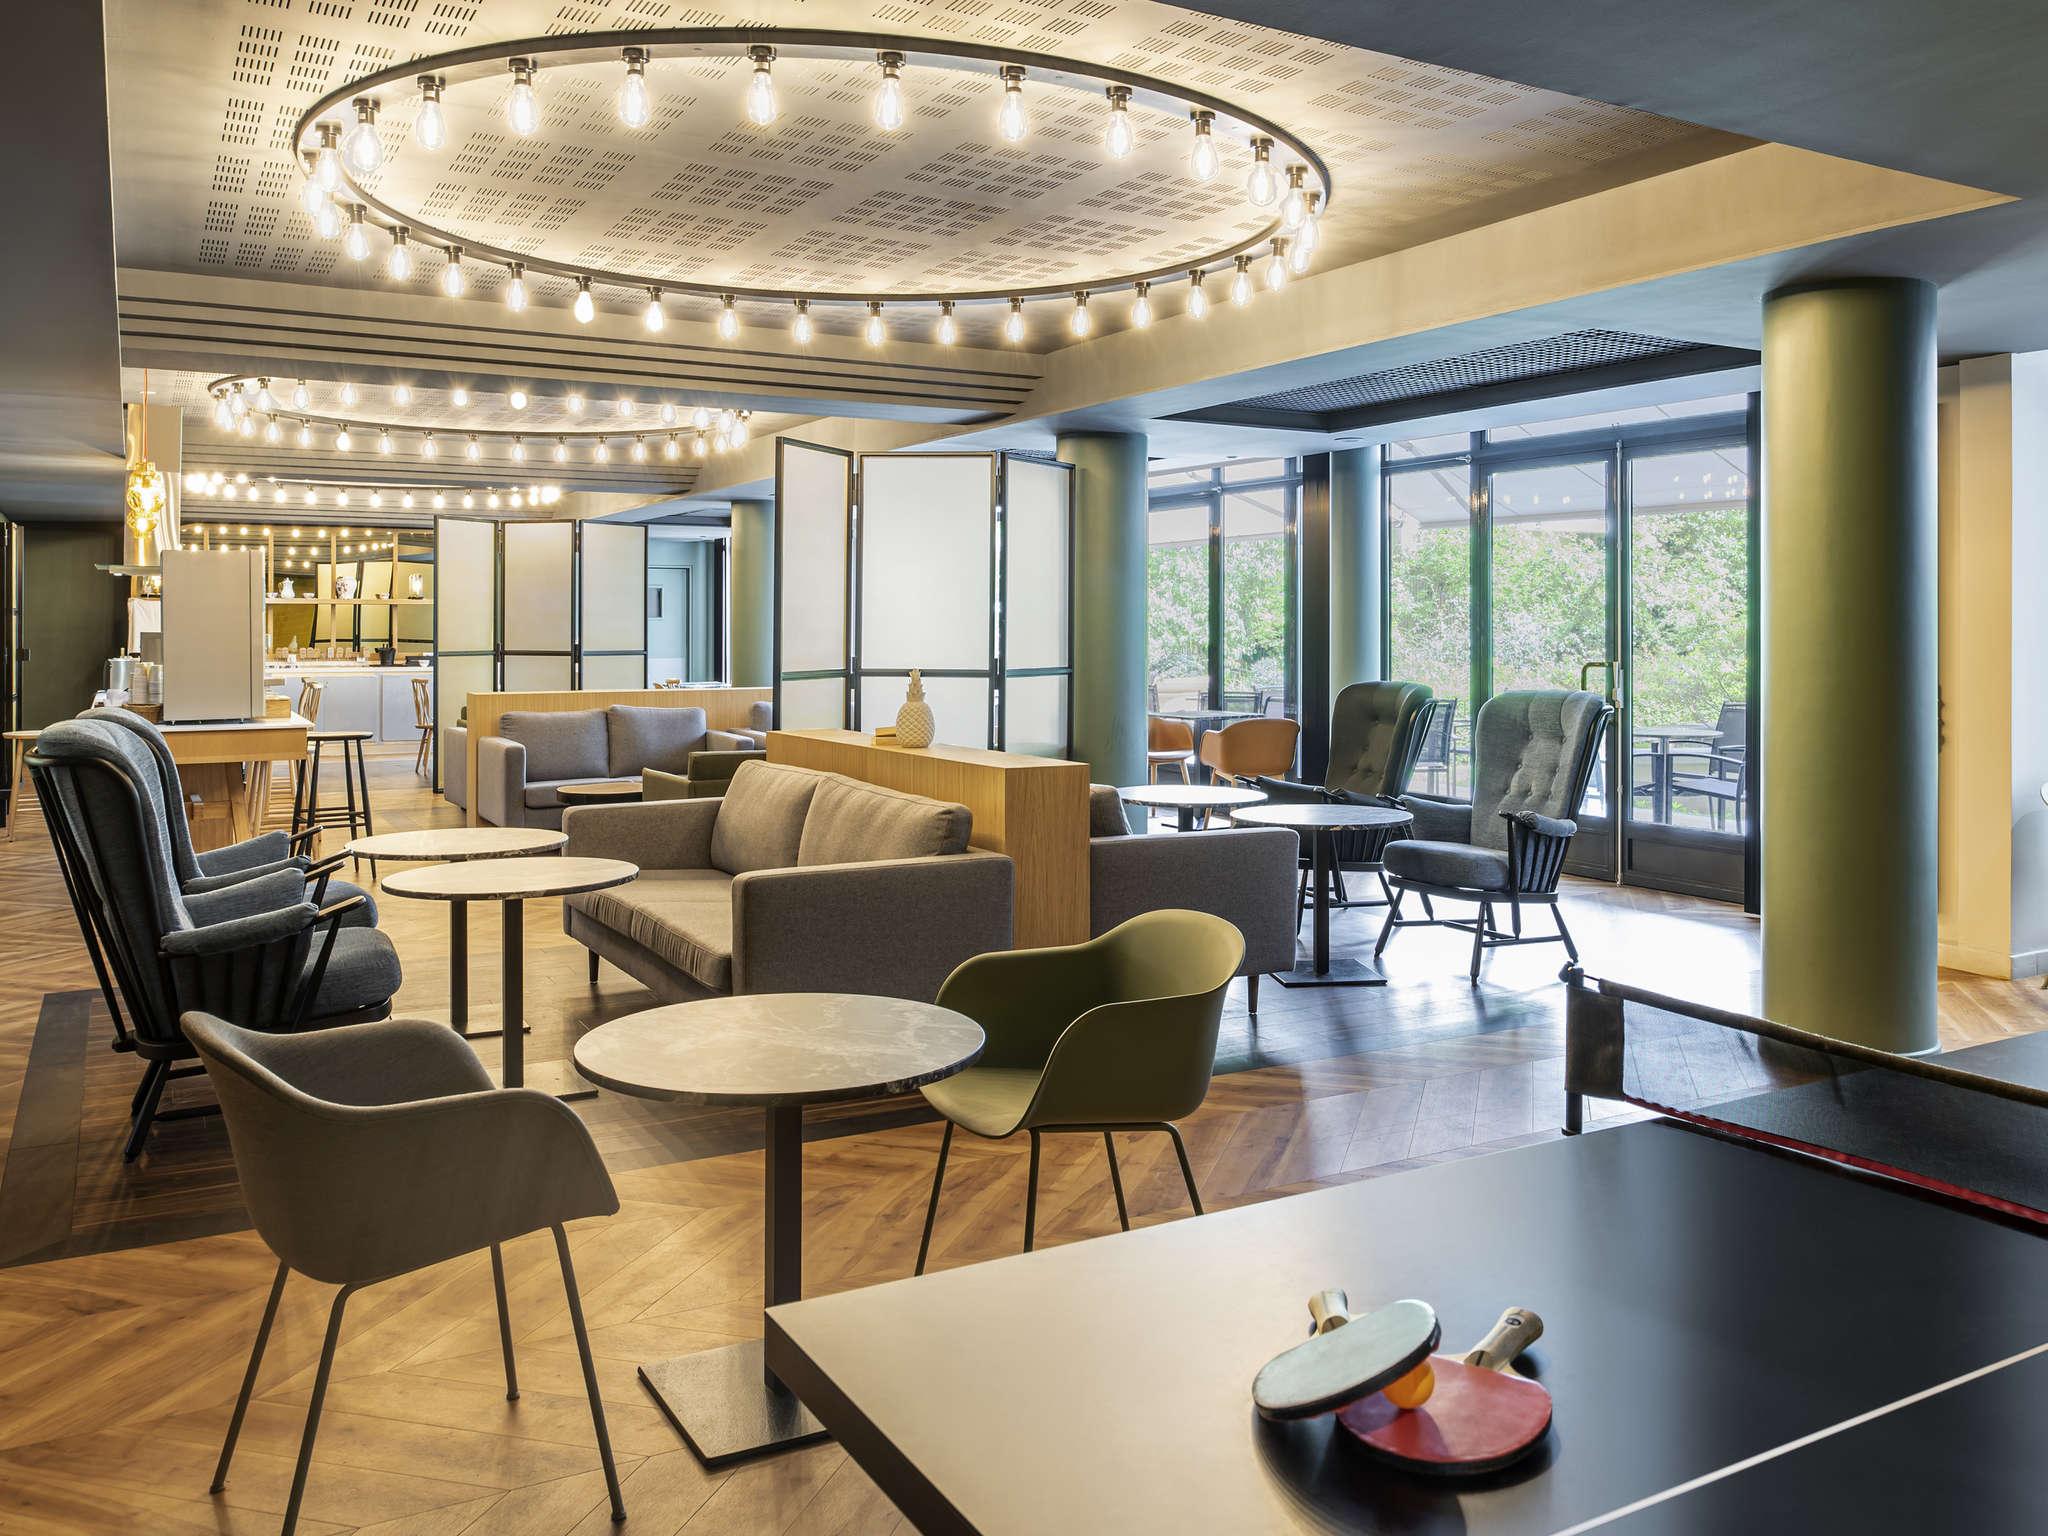 Hotel - Aparthotel Adagio Porte de Versailles